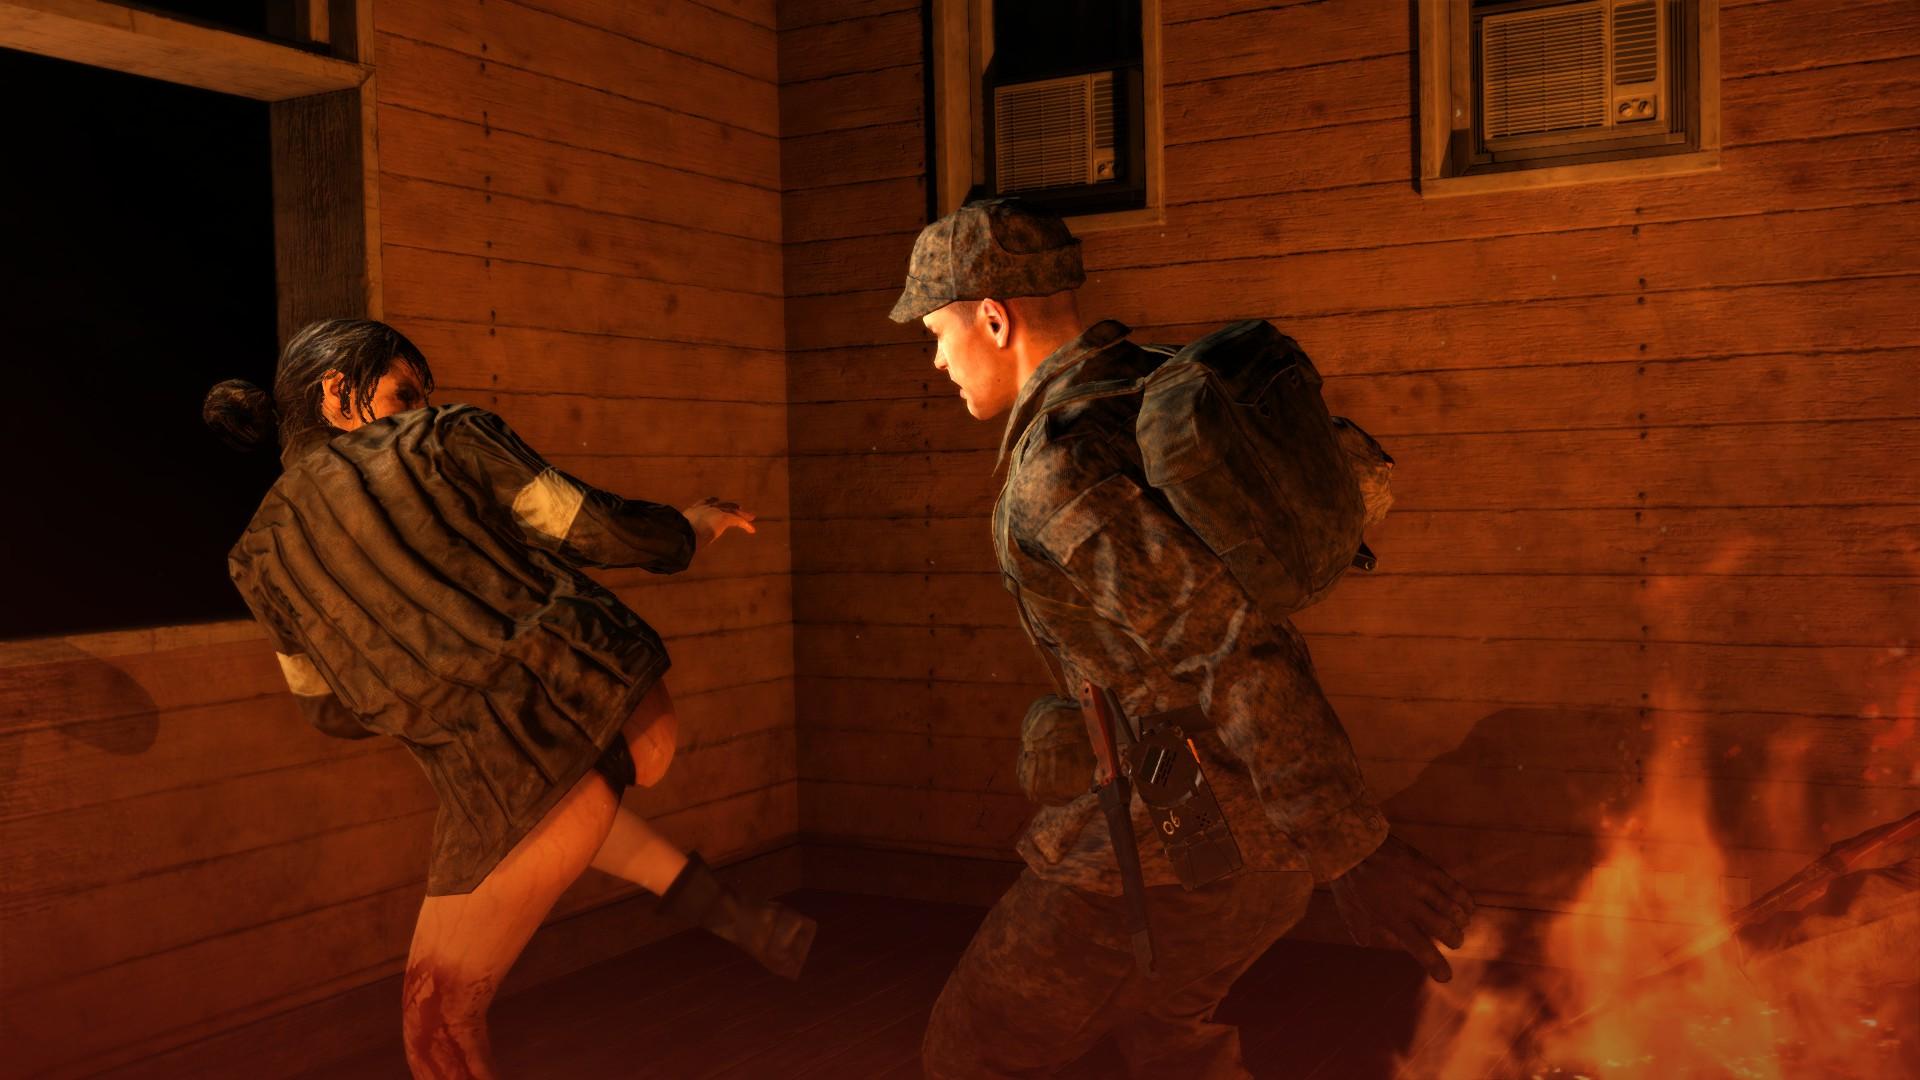 20170715144100_1.jpg - Metal Gear Solid 5: The Phantom Pain